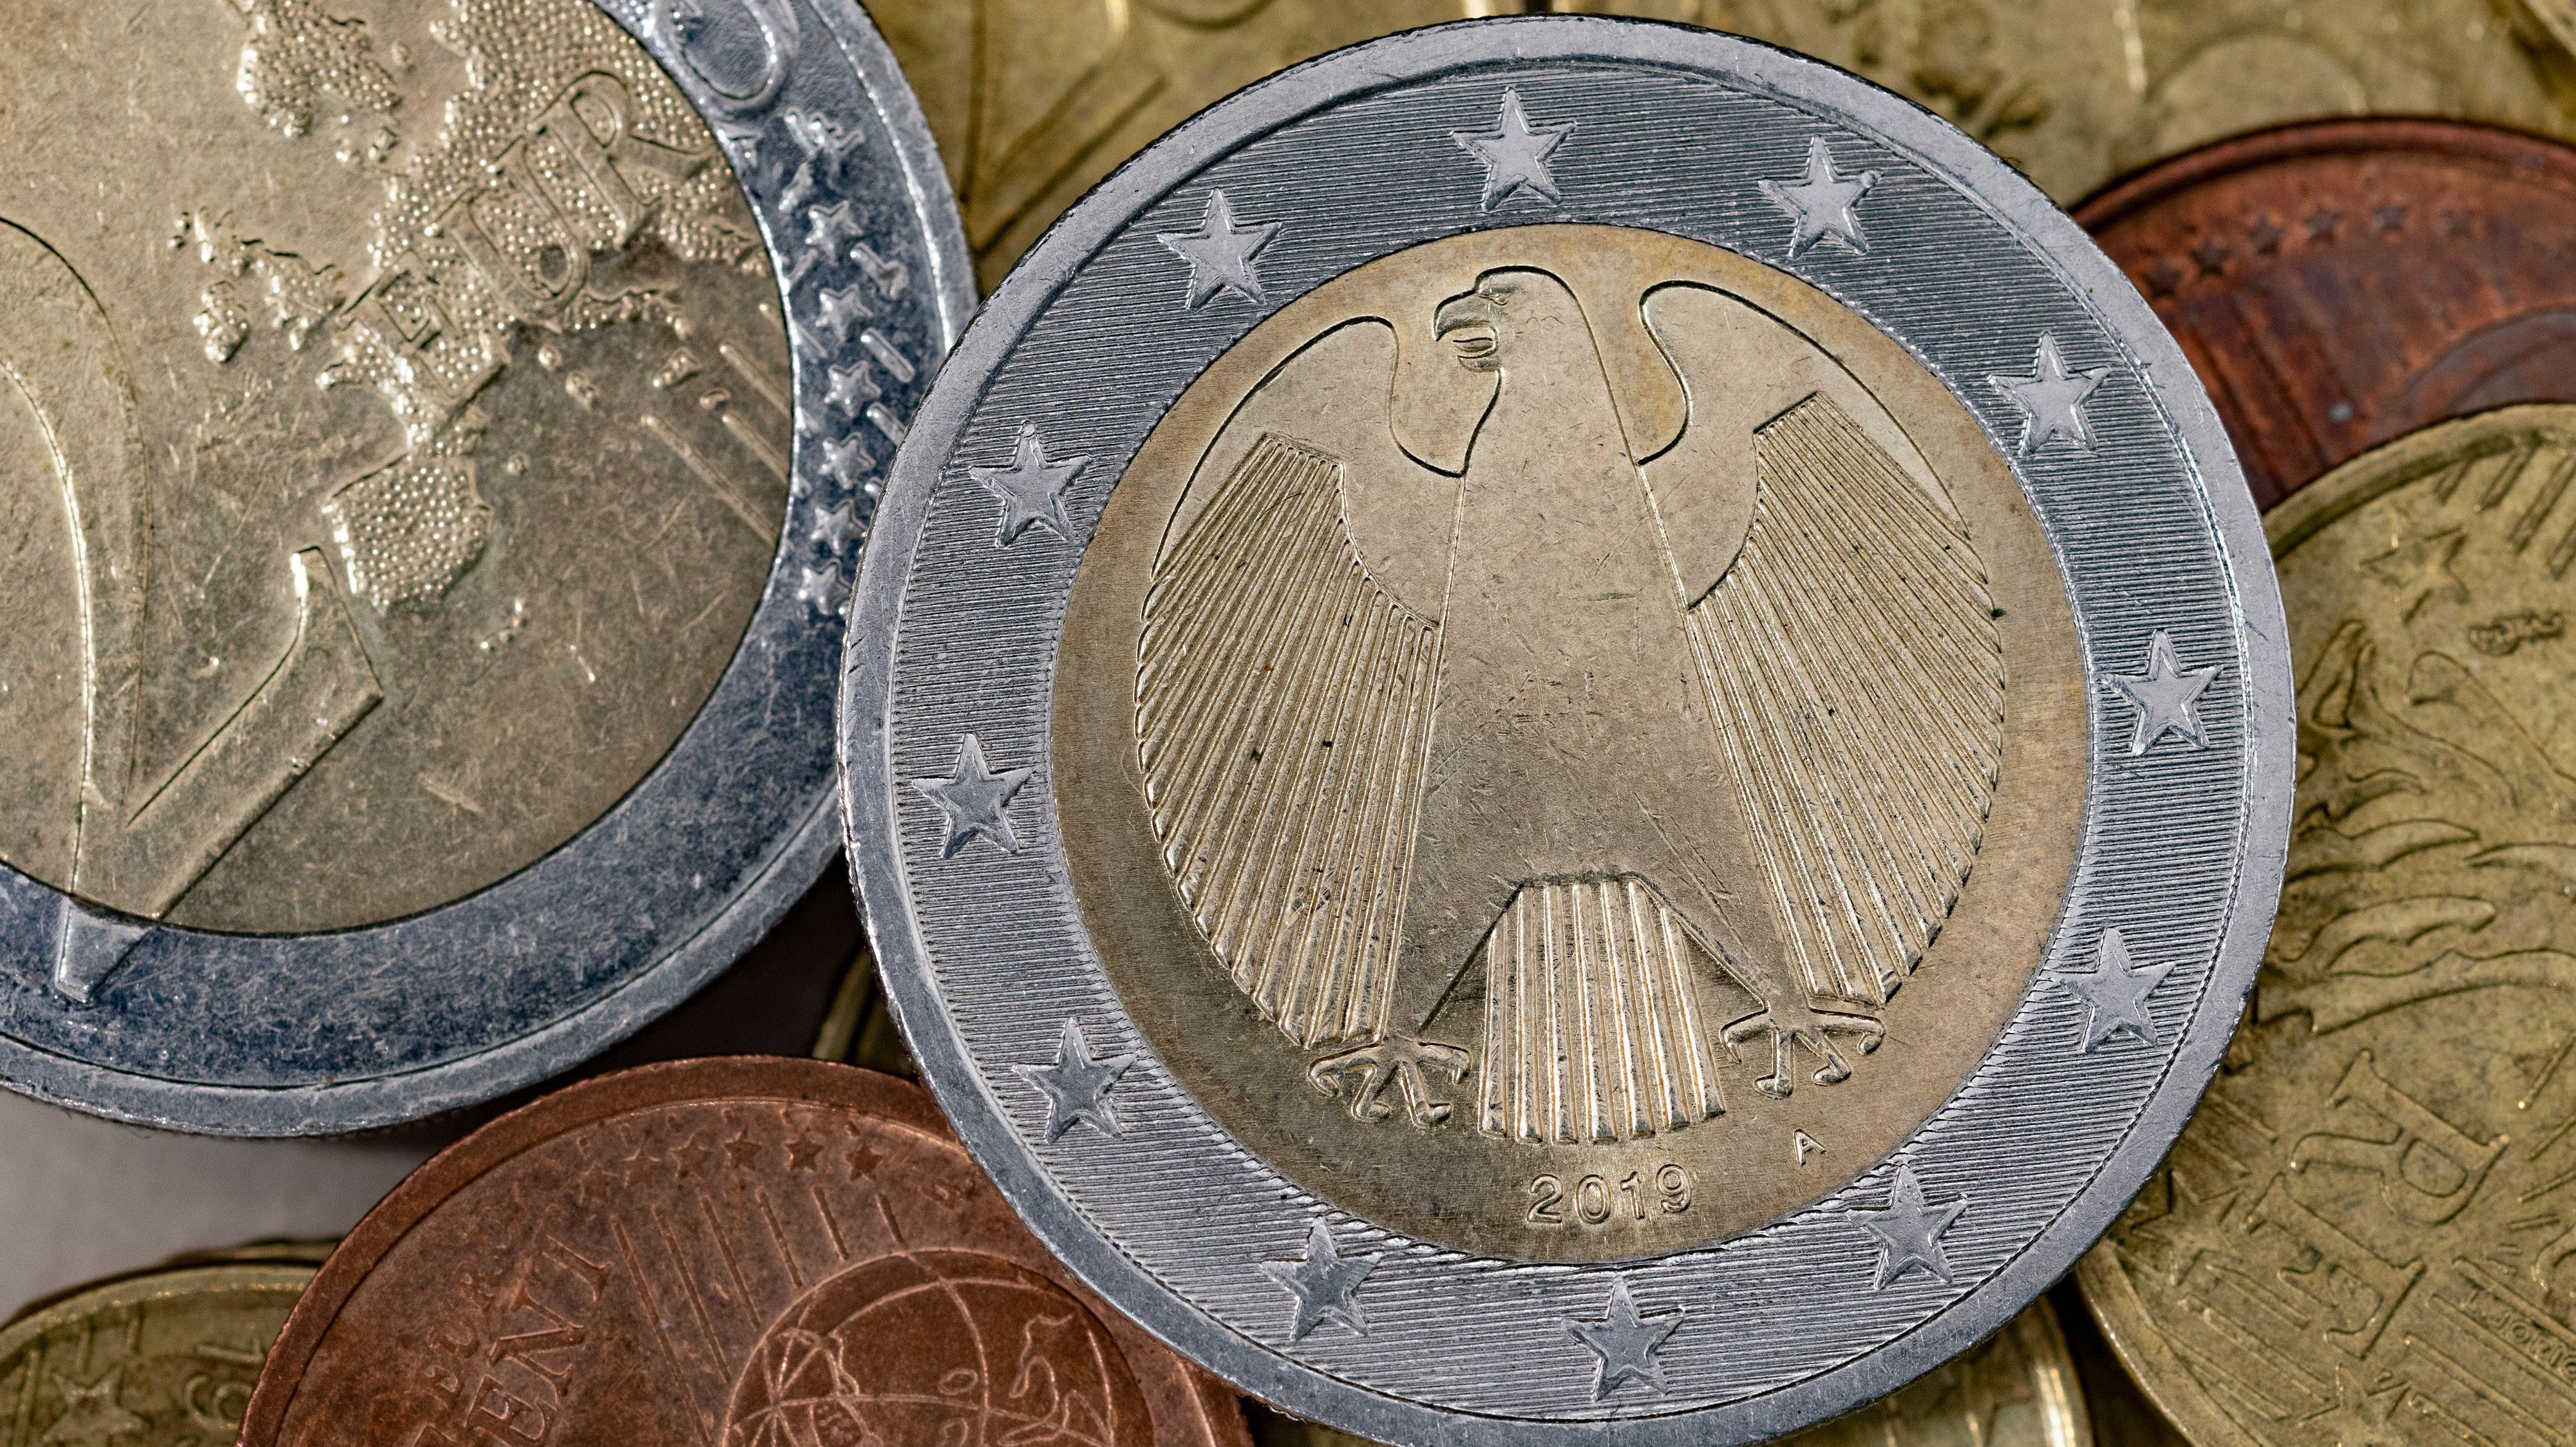 Der Klassiker unter den deutschen Euro-Münzen: Auf der Rückseite thront der Bundesadler. Seit der Einführung gibt es aber zahlreiche Sonderprägungen in geringerer Auflage. Foto: Thomas Vorwerk